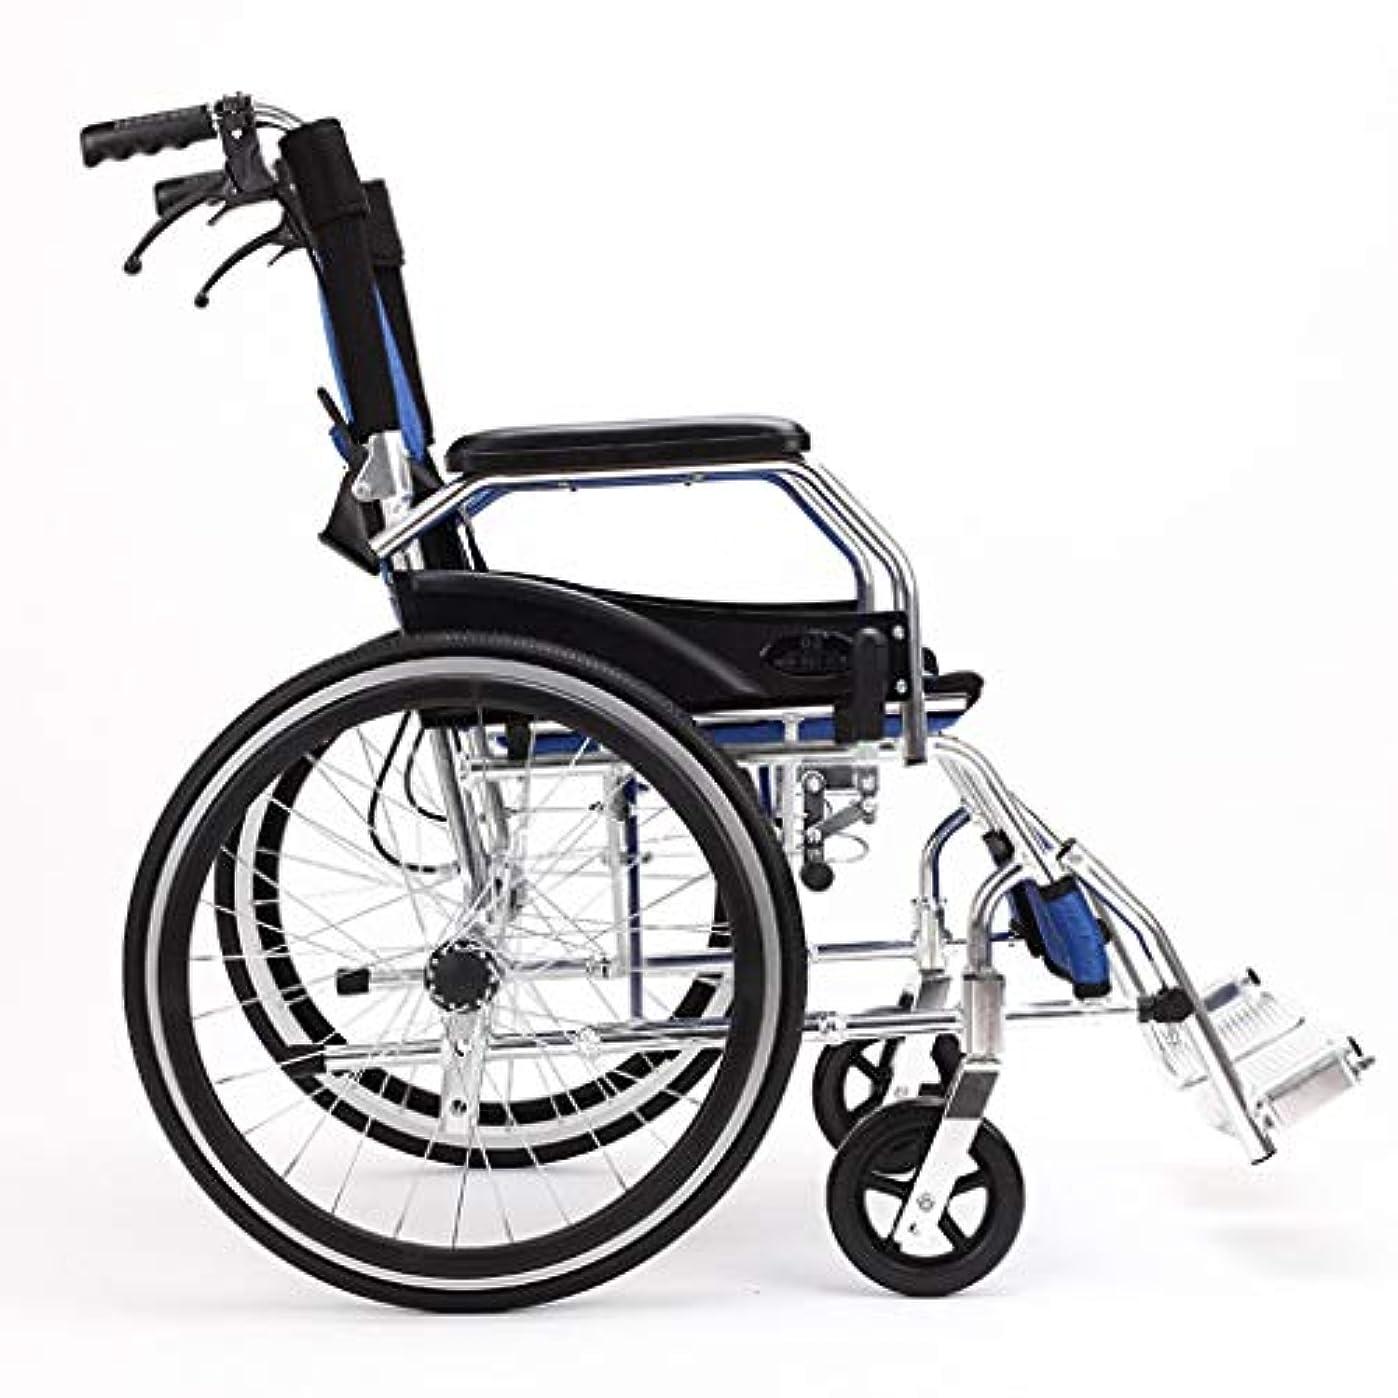 ヘッドレスブレーキスムーズに折りたたみ式車椅子超軽量ポータブル、20インチPUタイヤ、高齢者障害者手押し車椅子